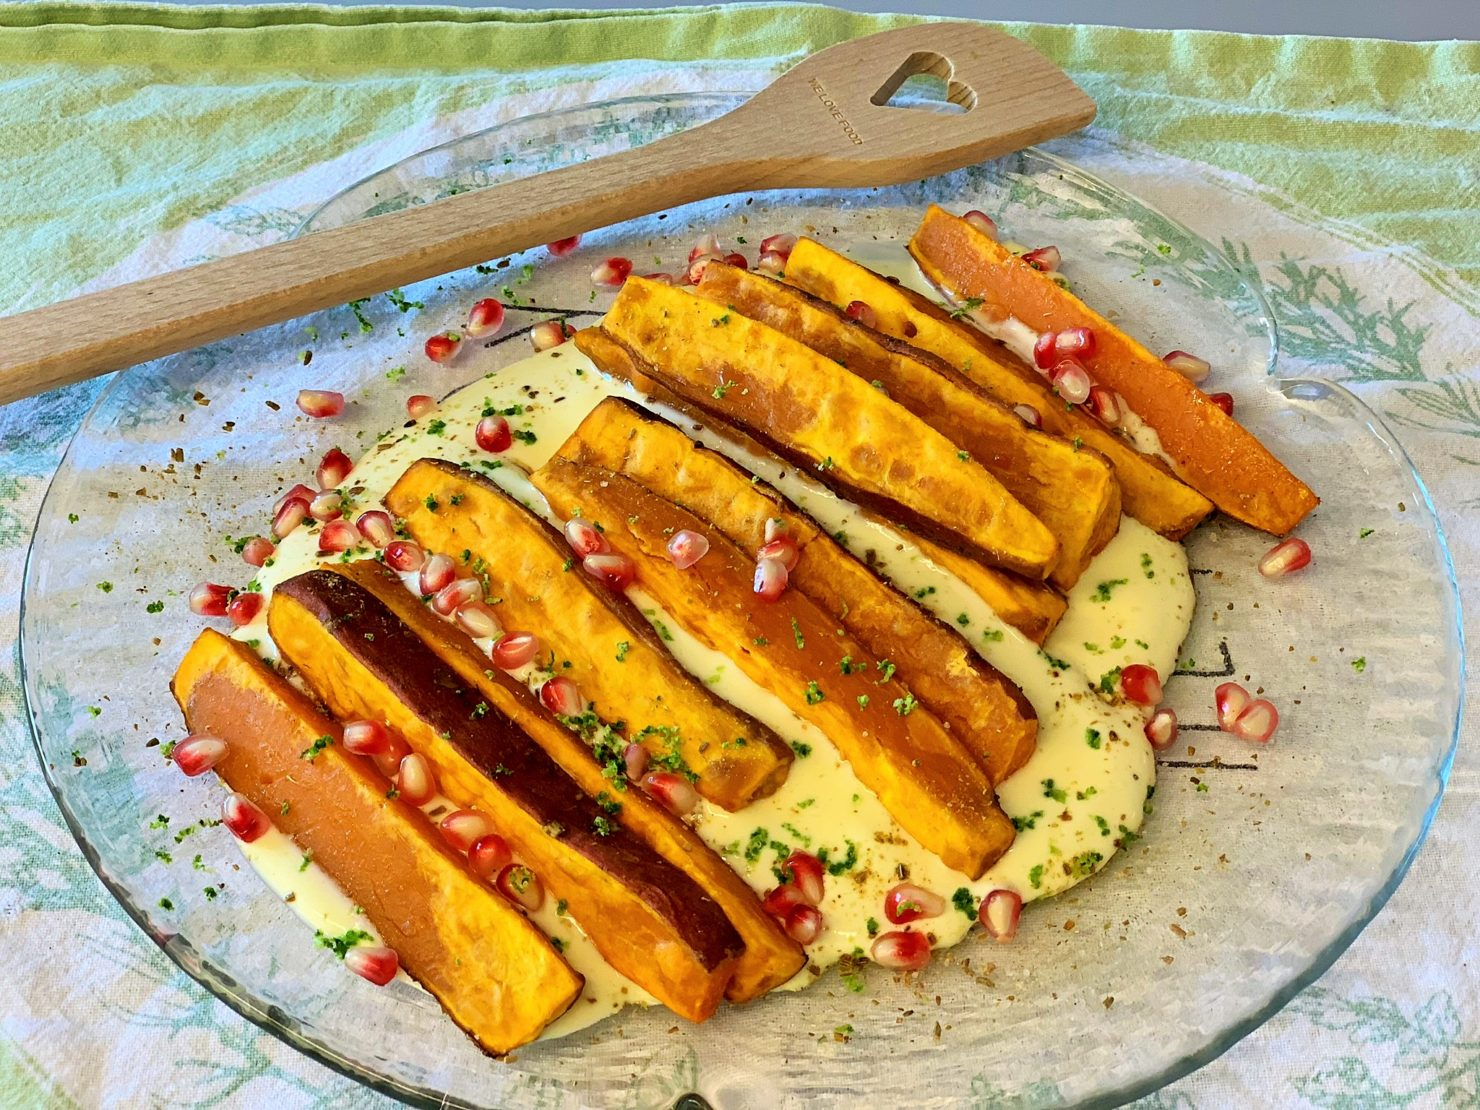 Süsskartoffeln mit Pfeffersauce - vegetarisch, frisch und fein